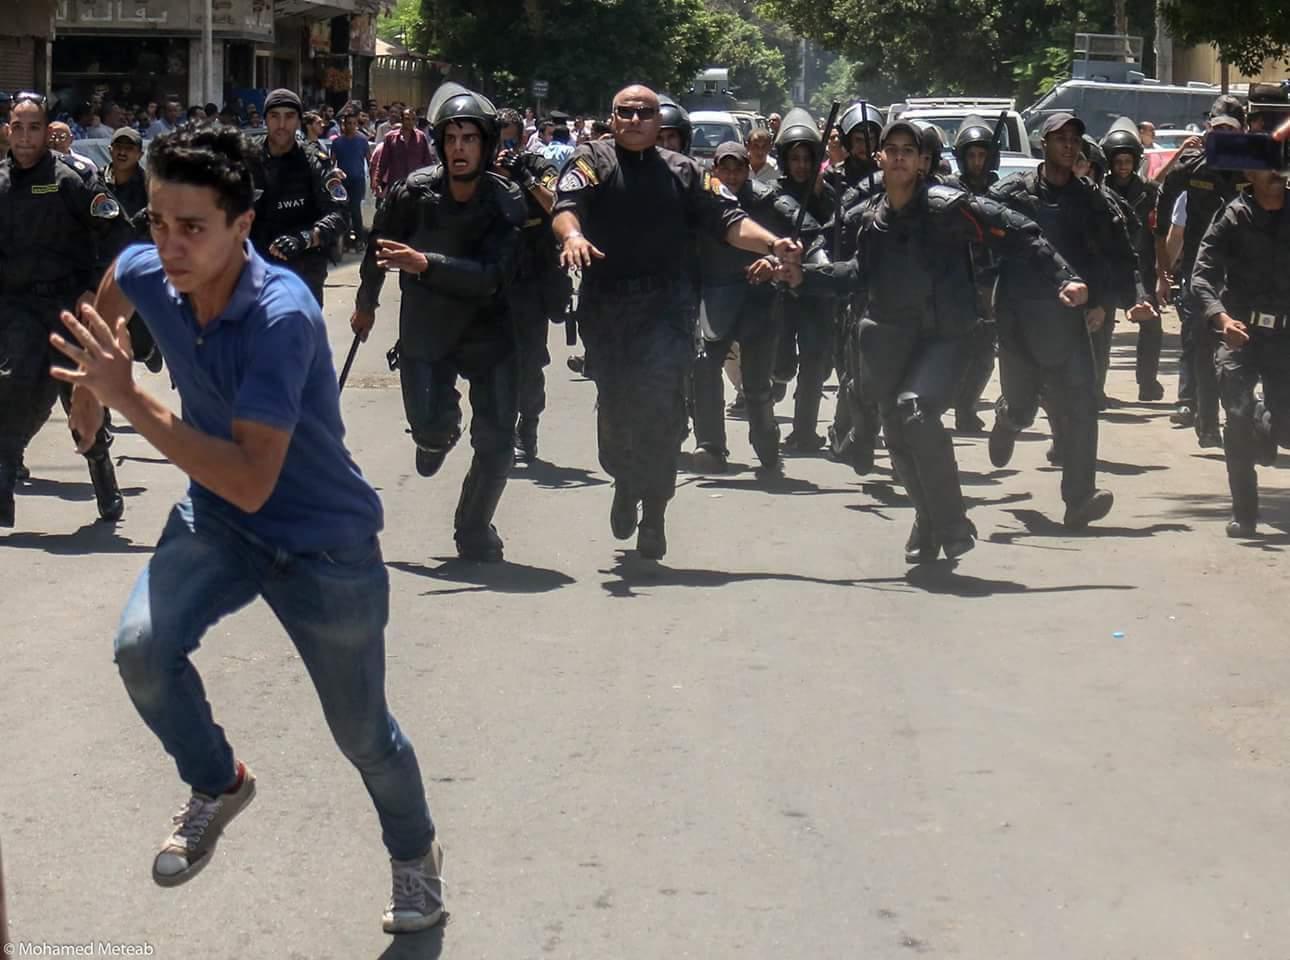 طالب يهرب من مطاردة قوات الأمن له أثناء مظاهرات طلاب الثانوية العامة 2016